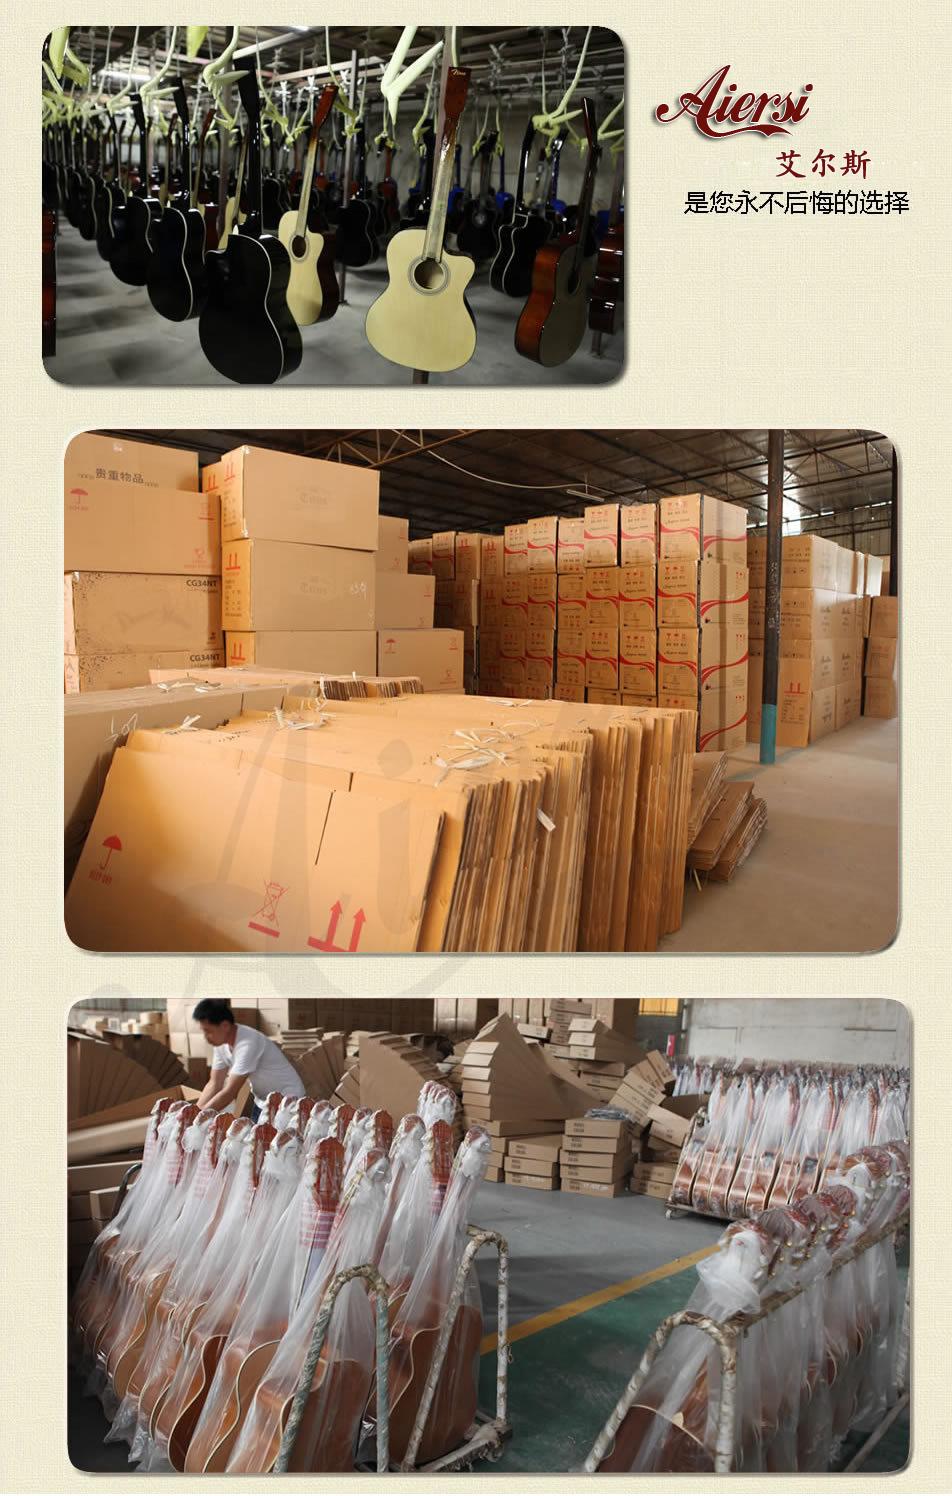 aiersi guitar factory (5)